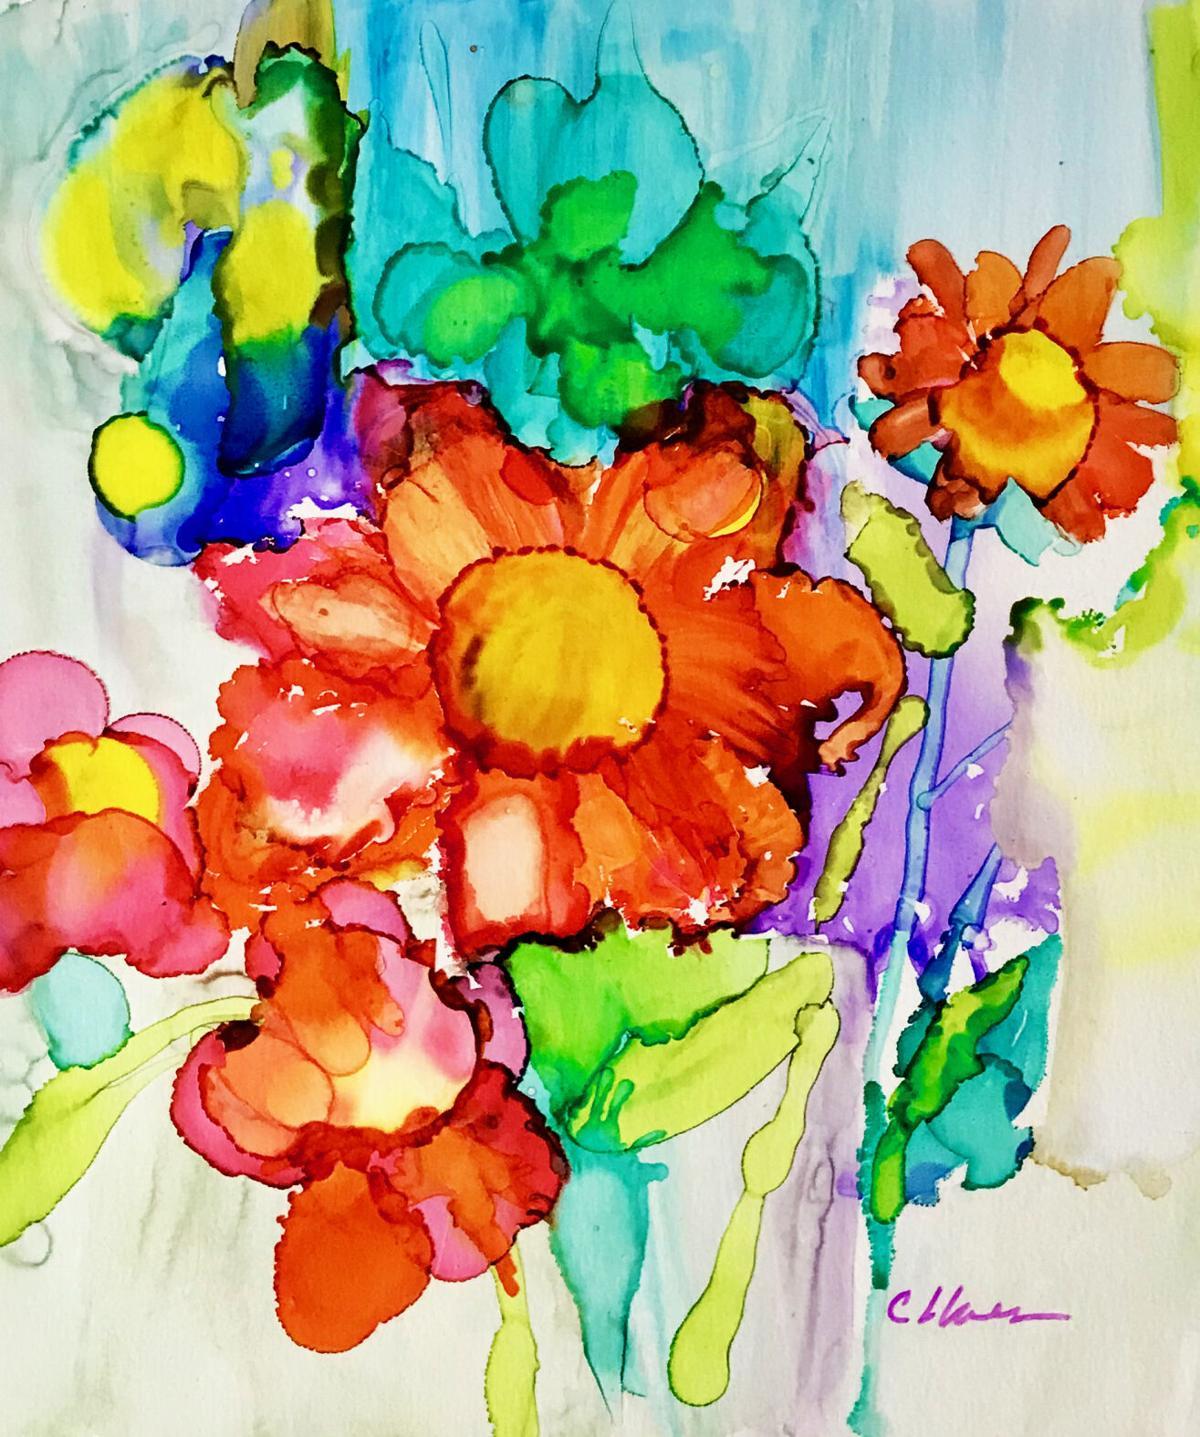 CYNTHIA LLANES Flower Gathering 11x14 Alcohol Ink.jpg